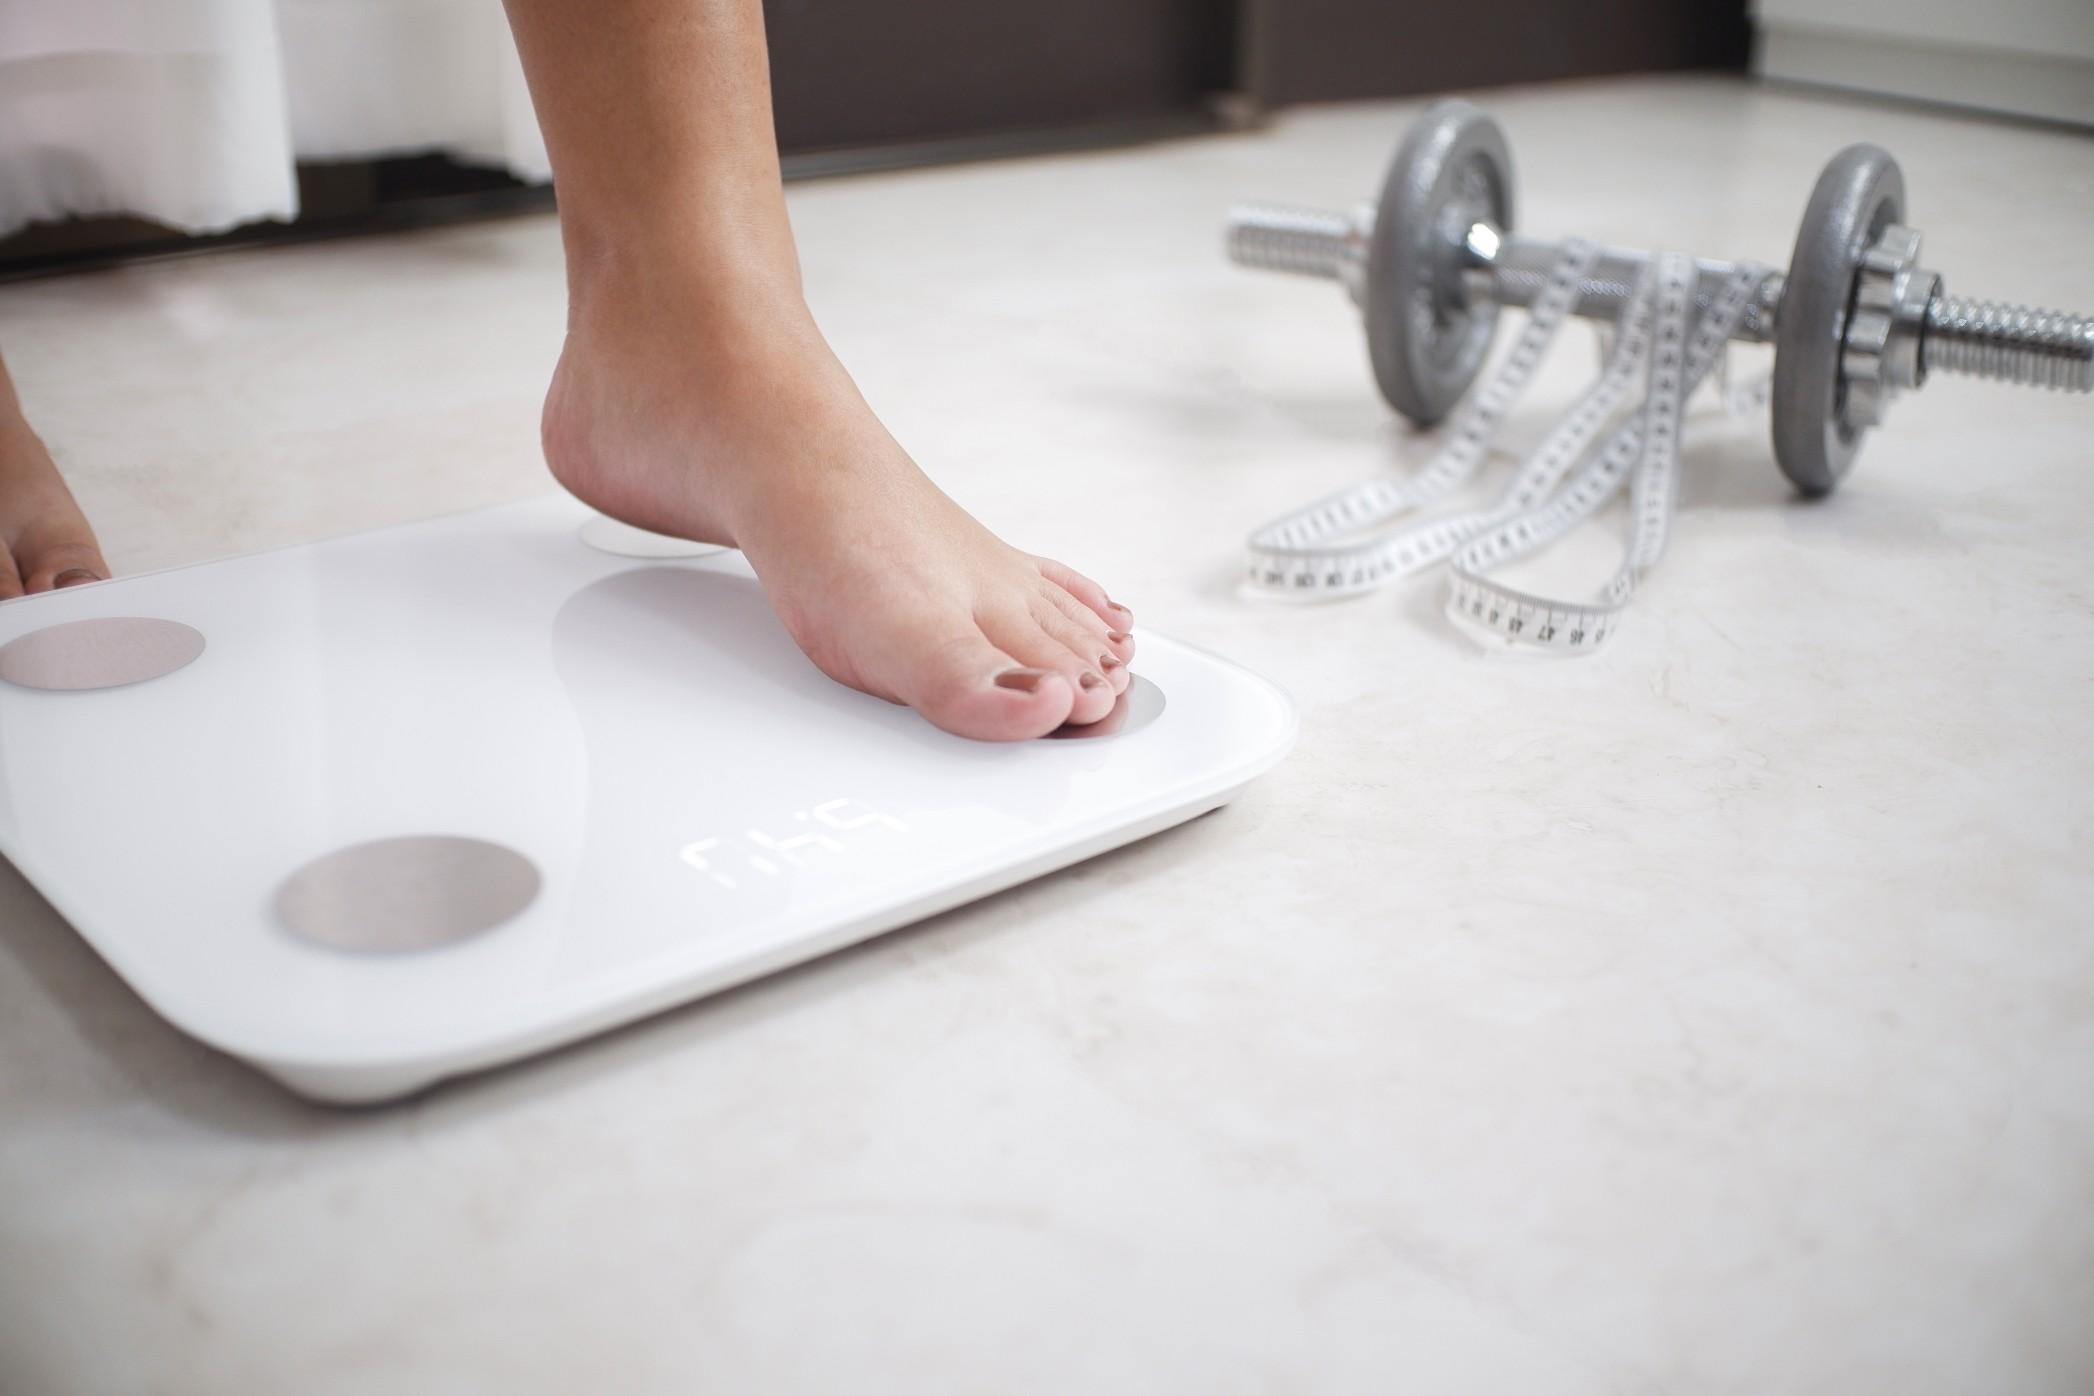 Les dangers que l'on peut rencontrer lorsque l'on souhaite perdre du poids.